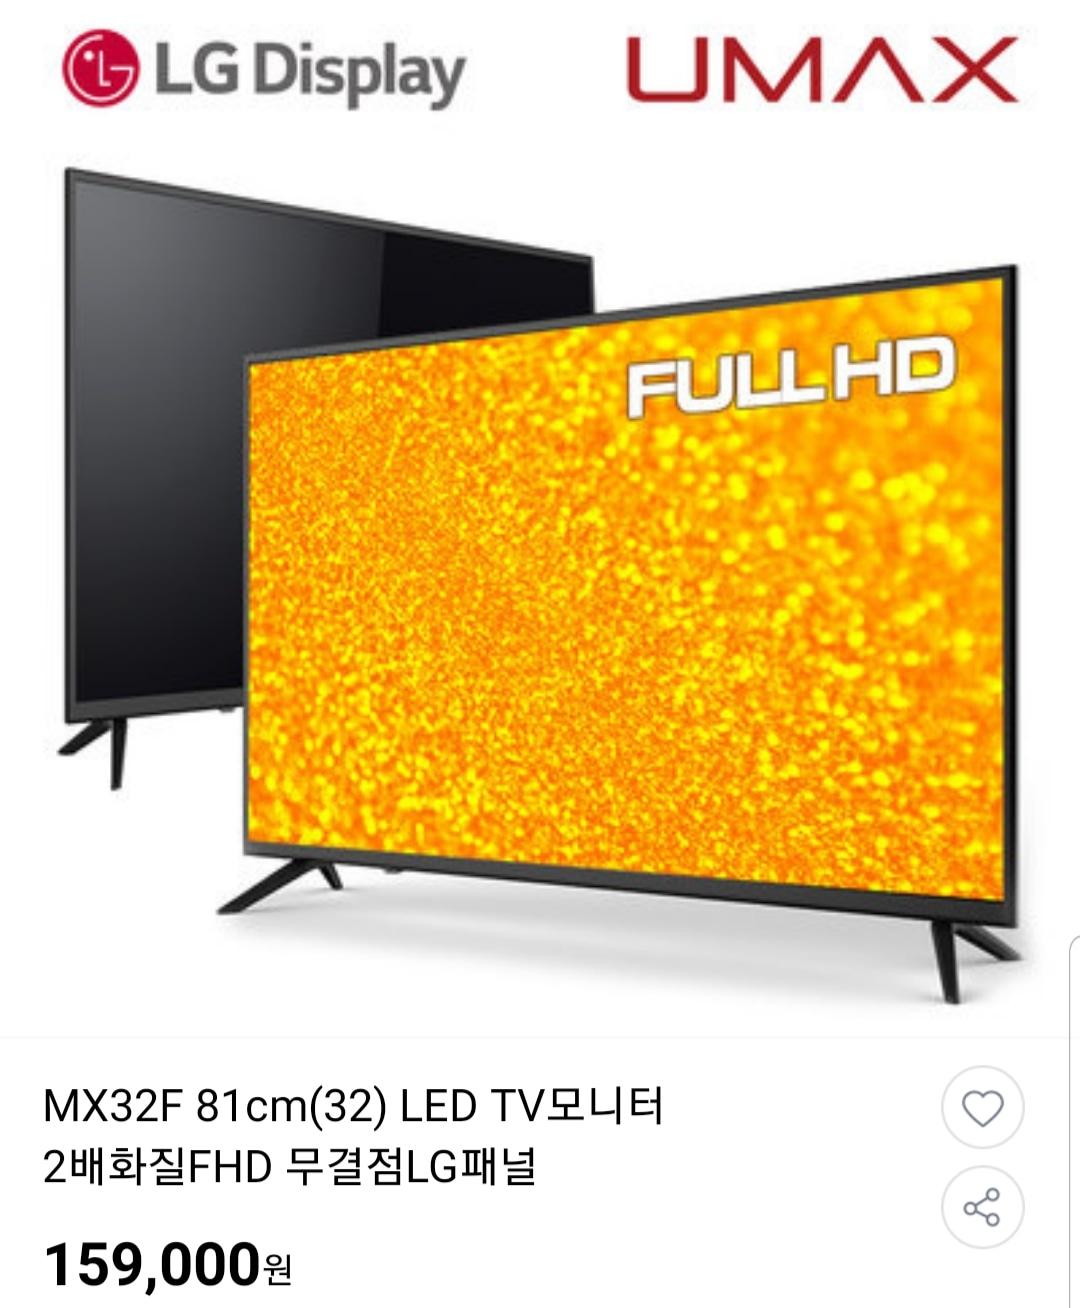 32인치 티비랑 티비다이 팔아요.